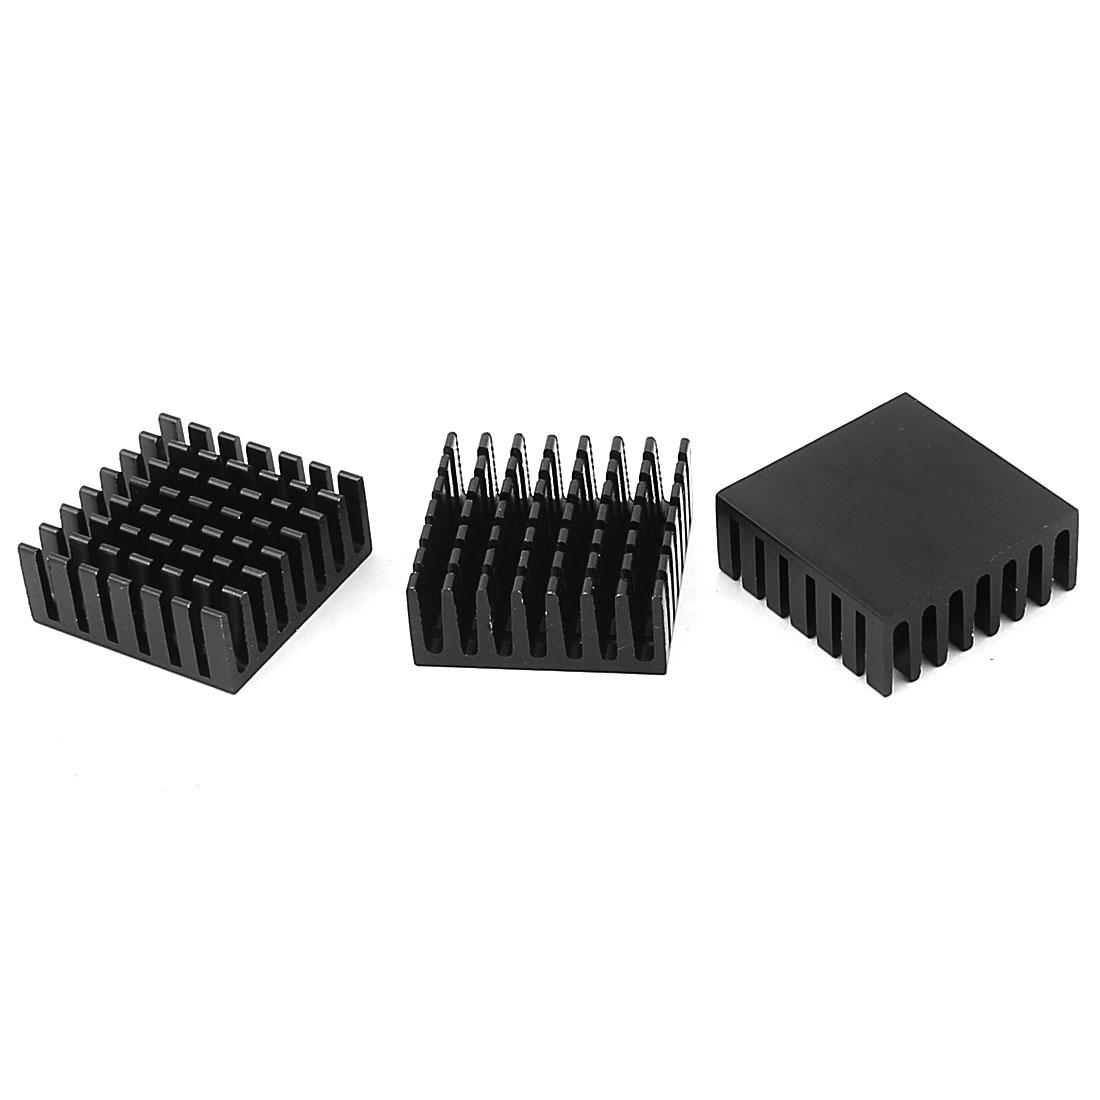 28mm x 28mm x 11mm Aluminium Radiator CPU Heatsink Heat Sink Black 3Pcs